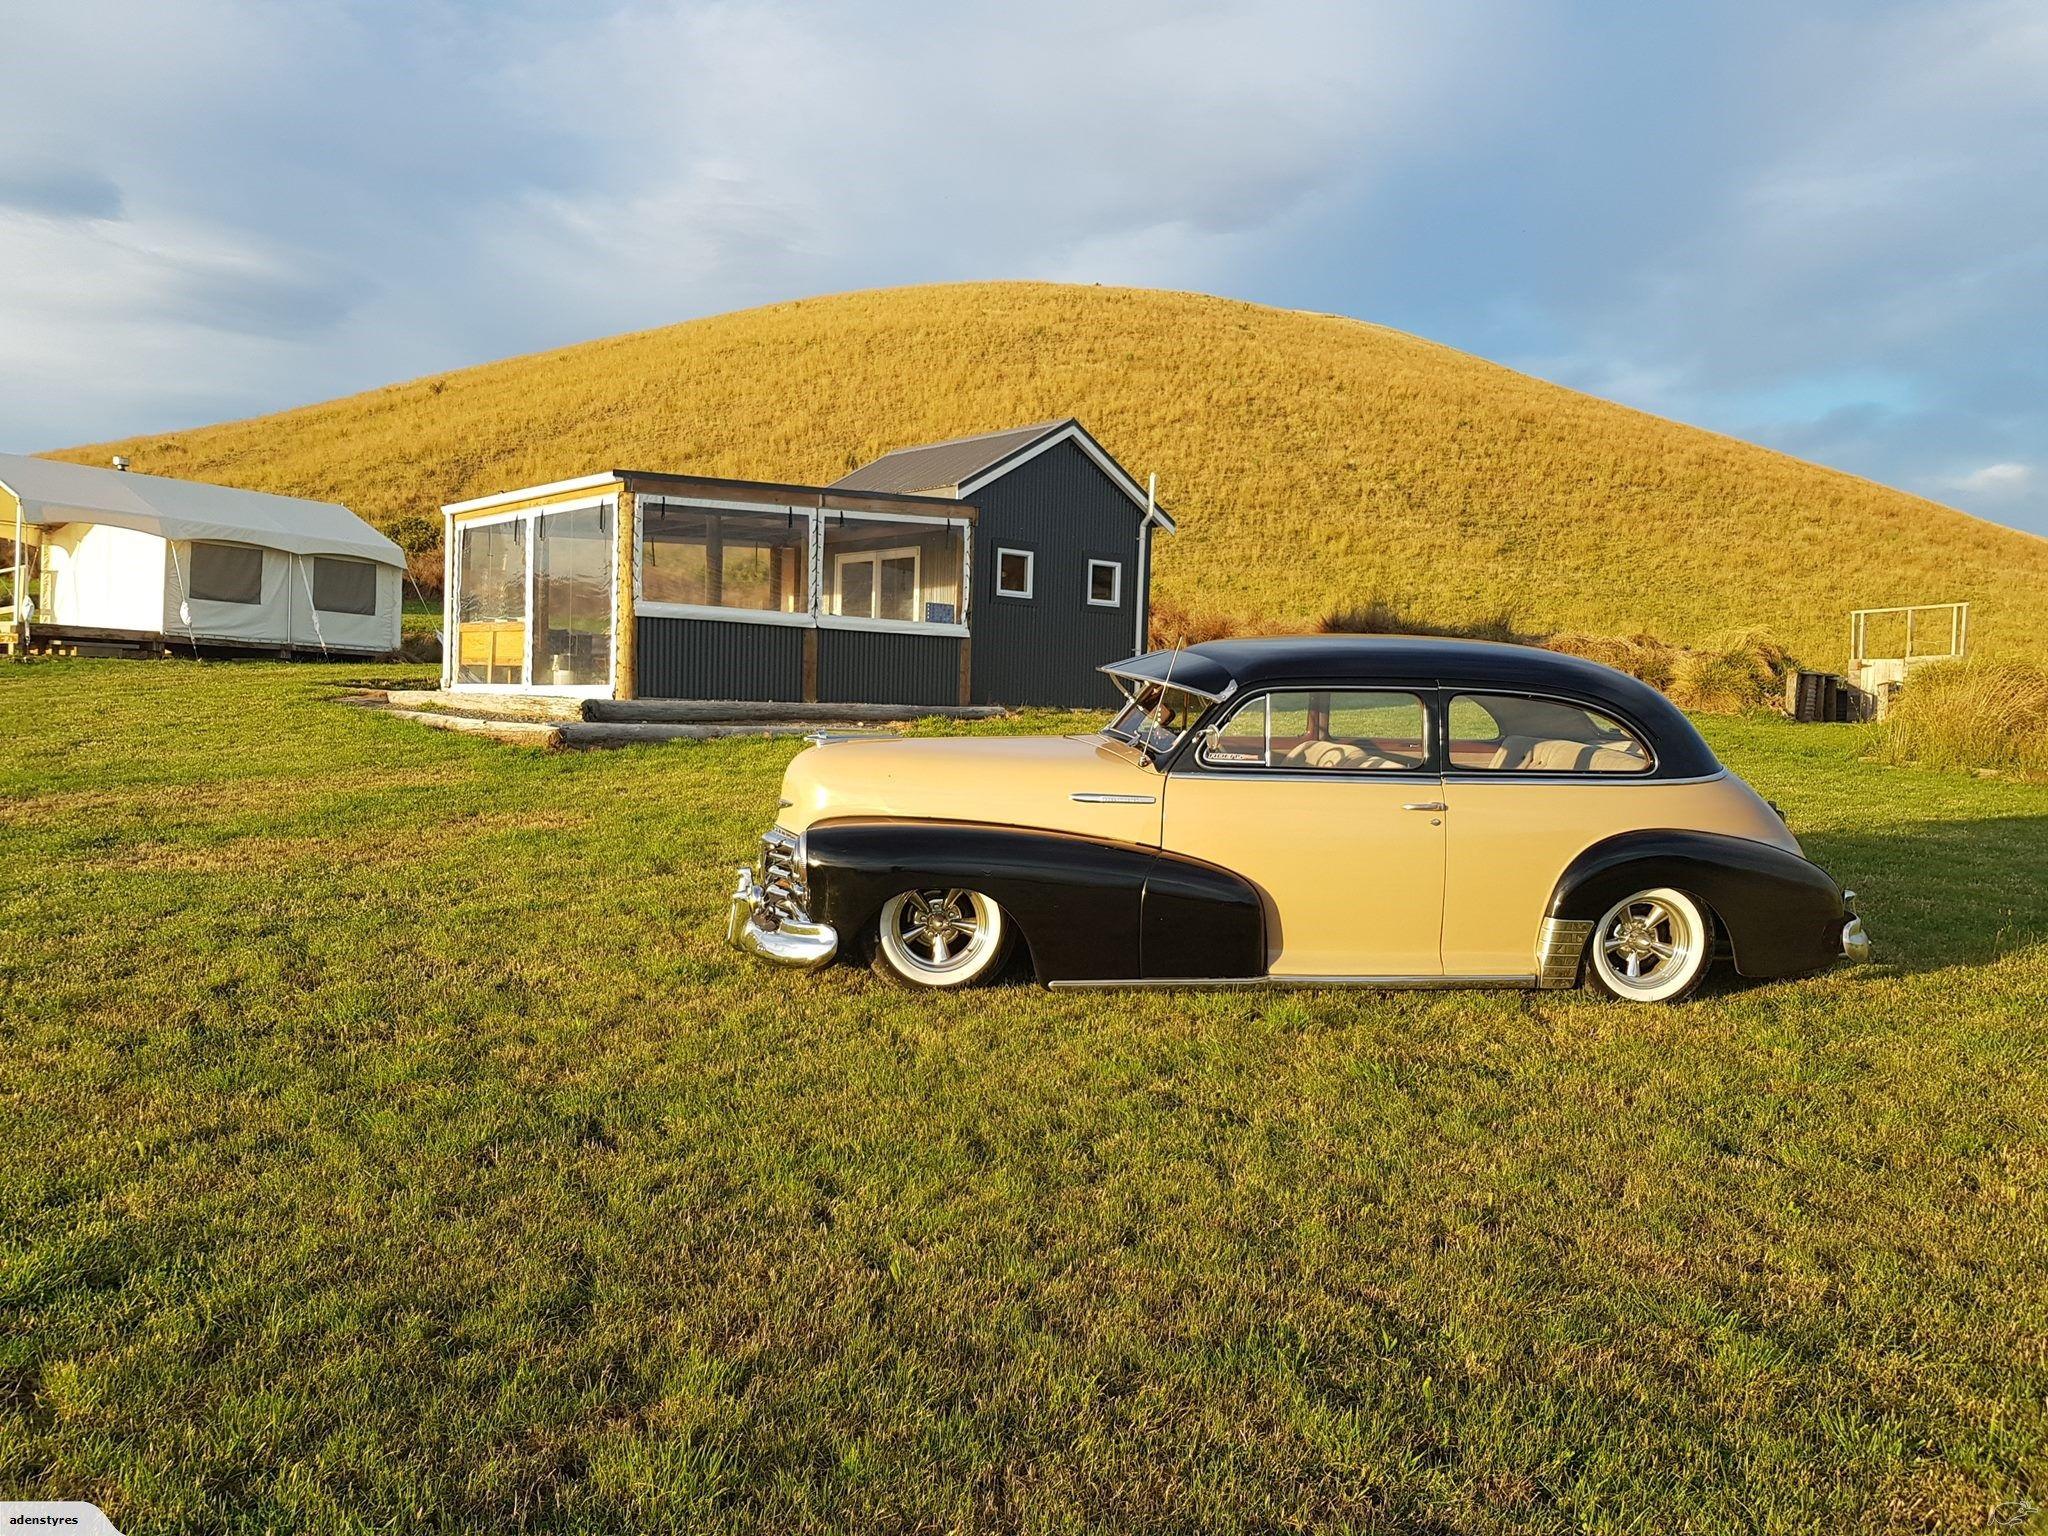 1948 Chevrolet FleetMaster Tudor Sedan Restored | Trade Me | De ...